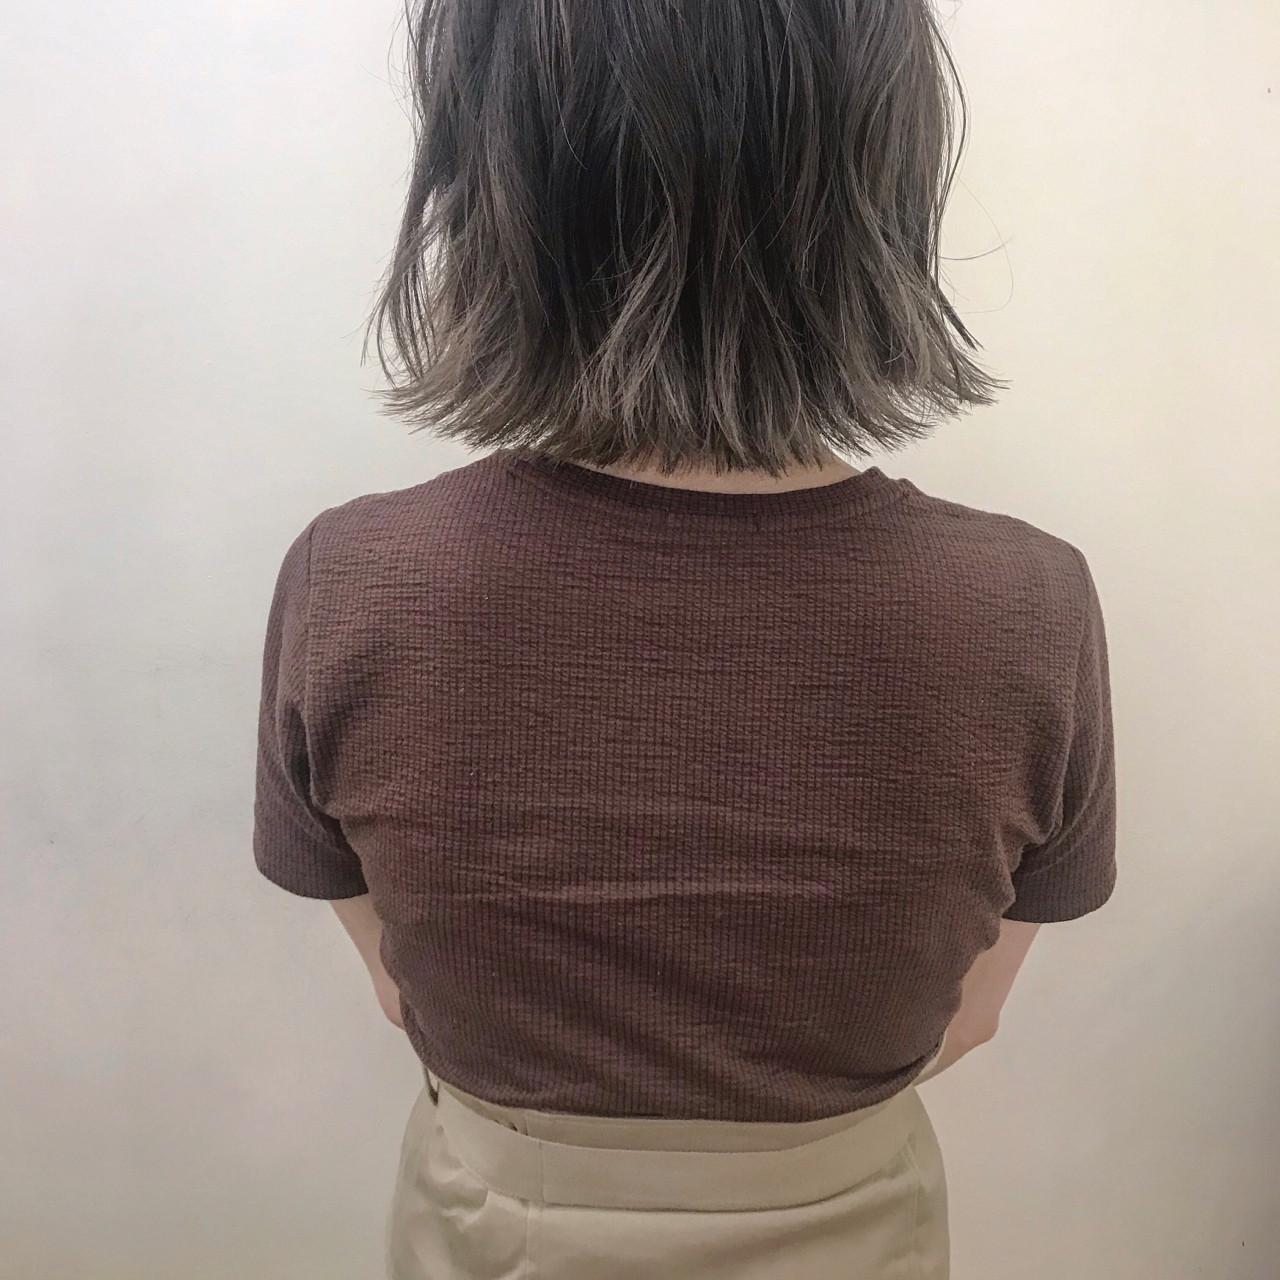 デート アンニュイ ナチュラル ボブ ヘアスタイルや髪型の写真・画像 | yumiko/sapporoSKNOW / SKNOW